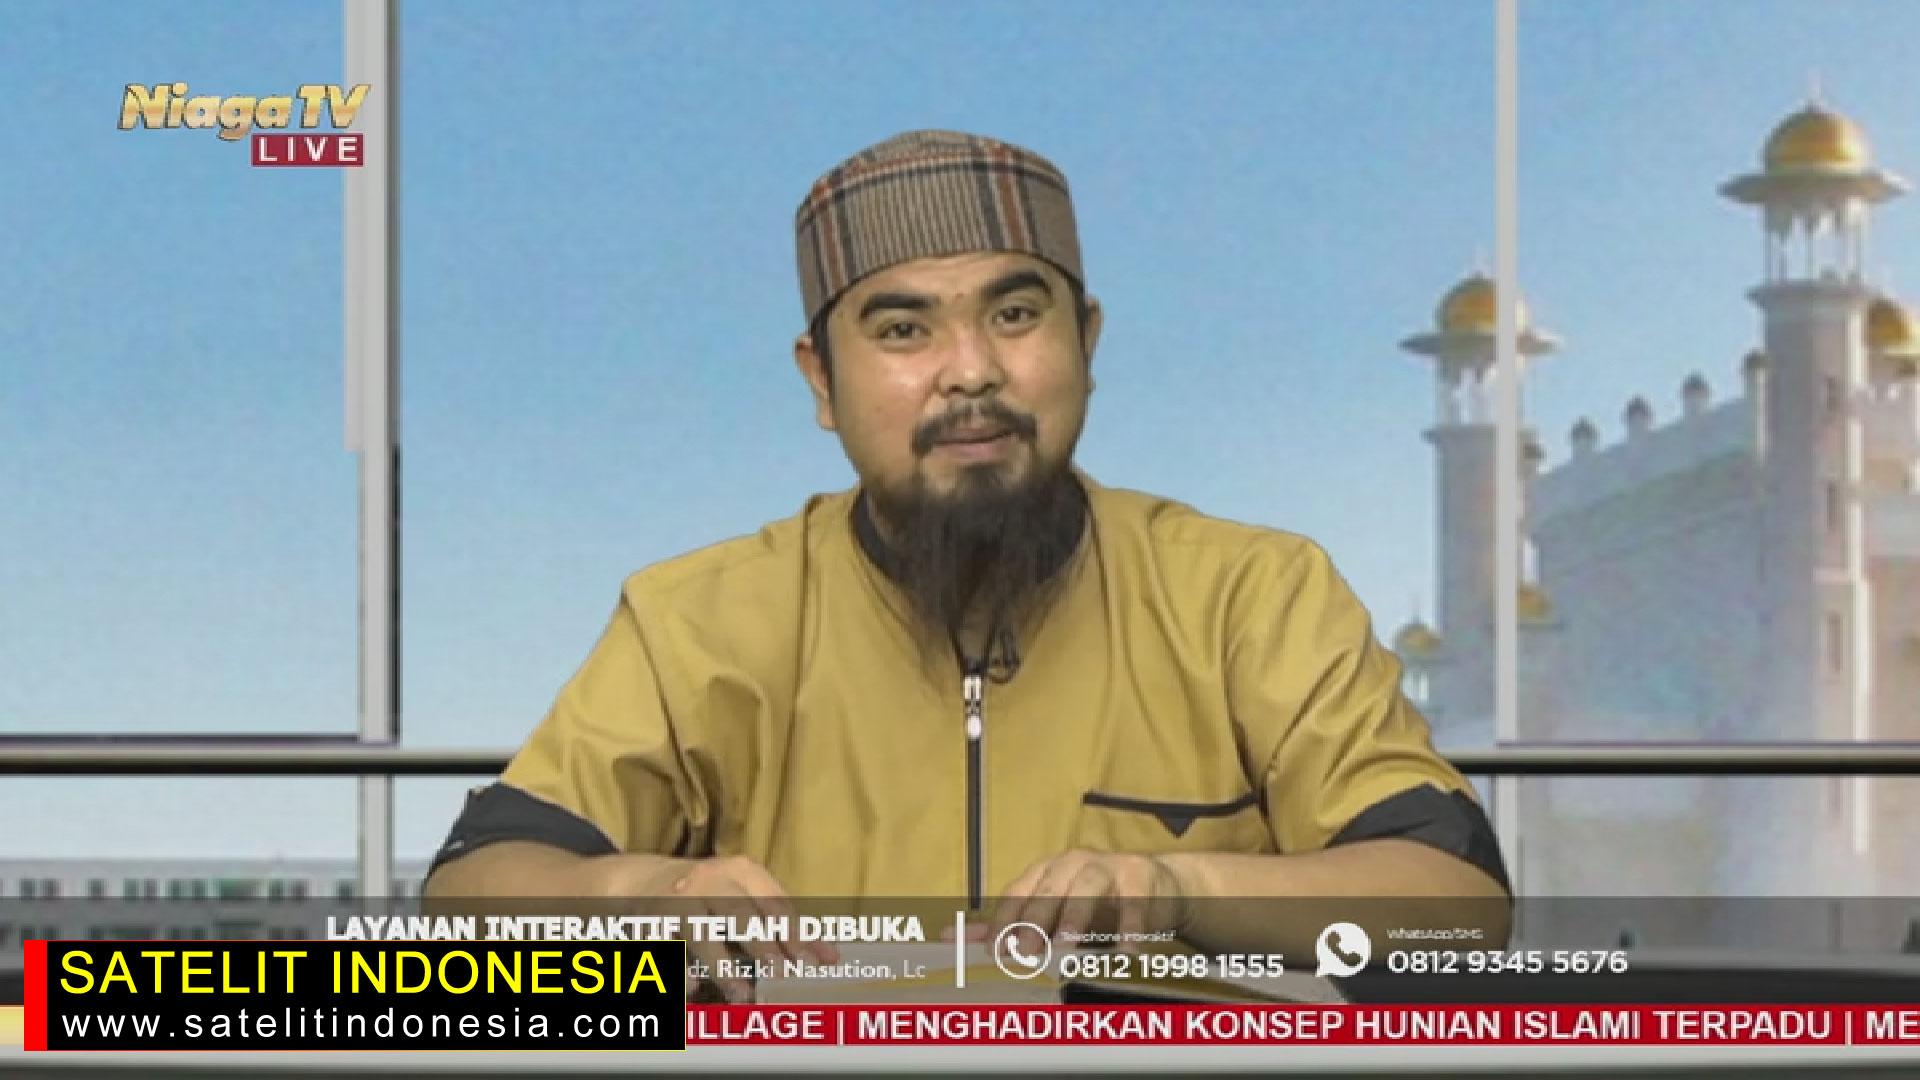 Frekuensi siaran Niaga TV di satelit Telkom 4 Terbaru